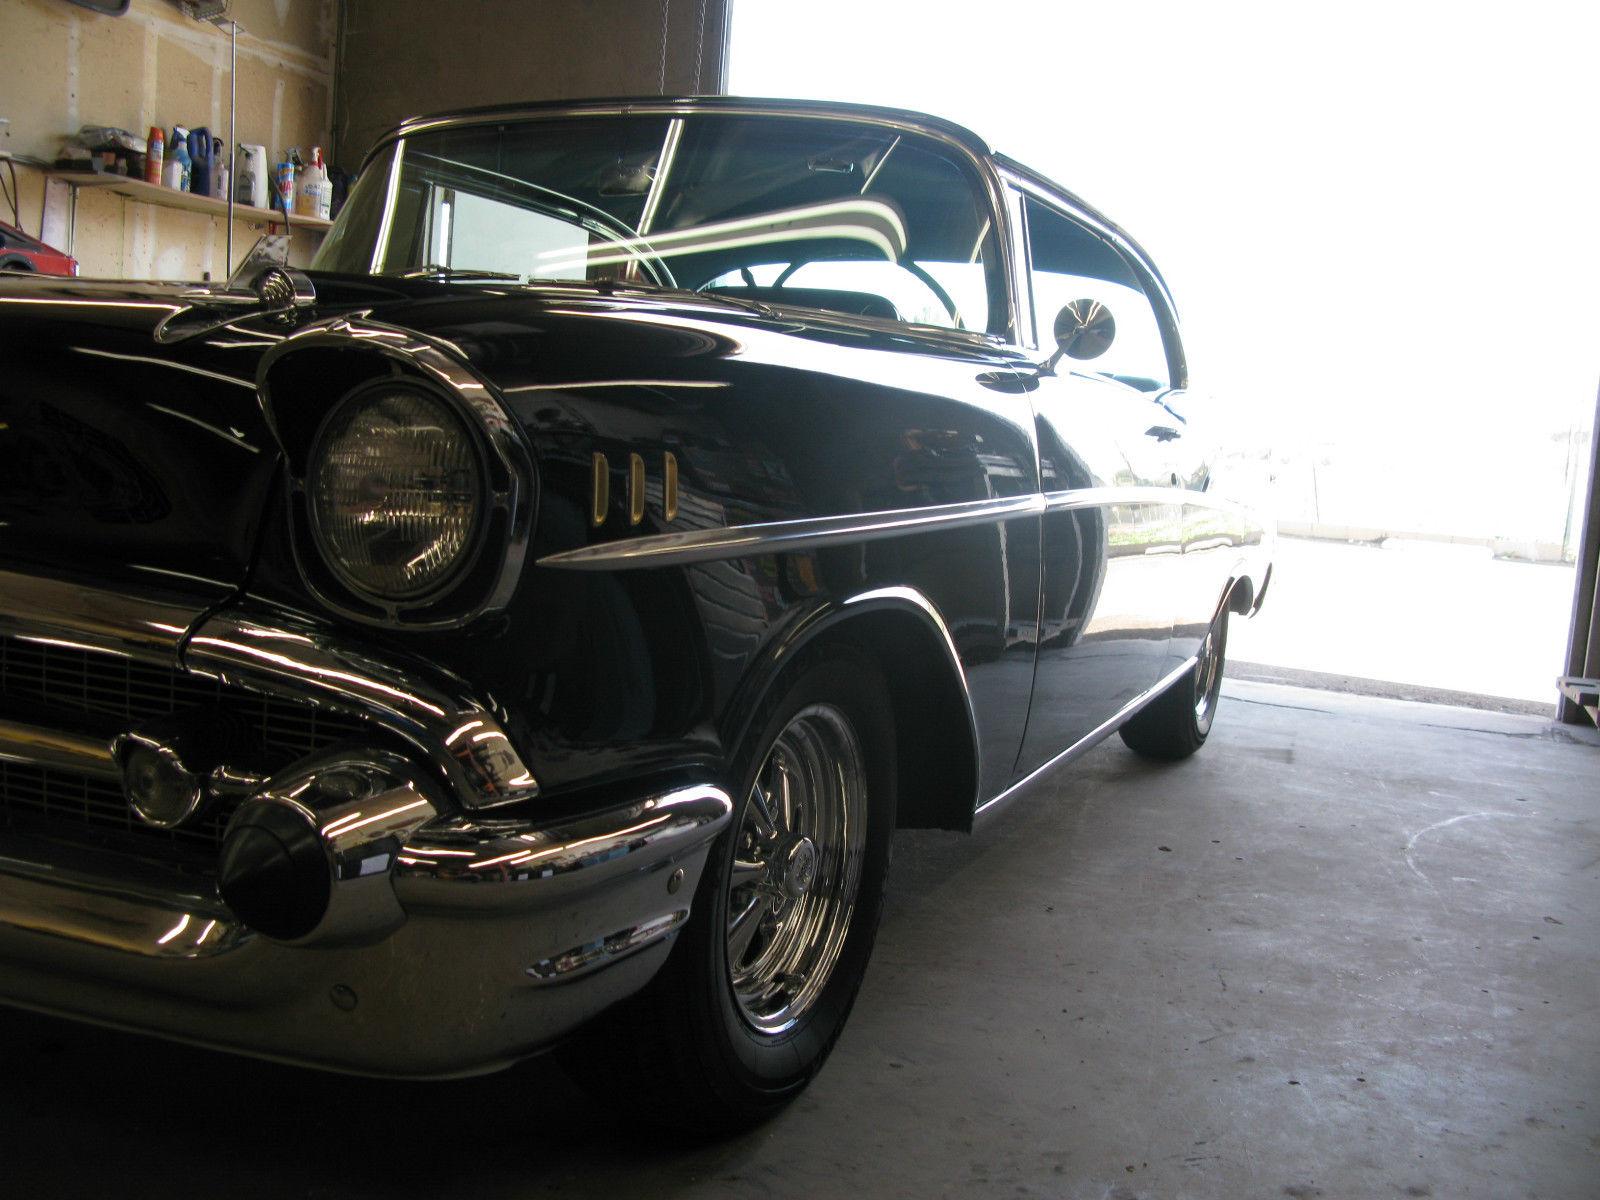 Northern California No Rust: 1957 Chevrolet 2 DOOR HARDTOP CALIFORNIA NO RUST BLACK